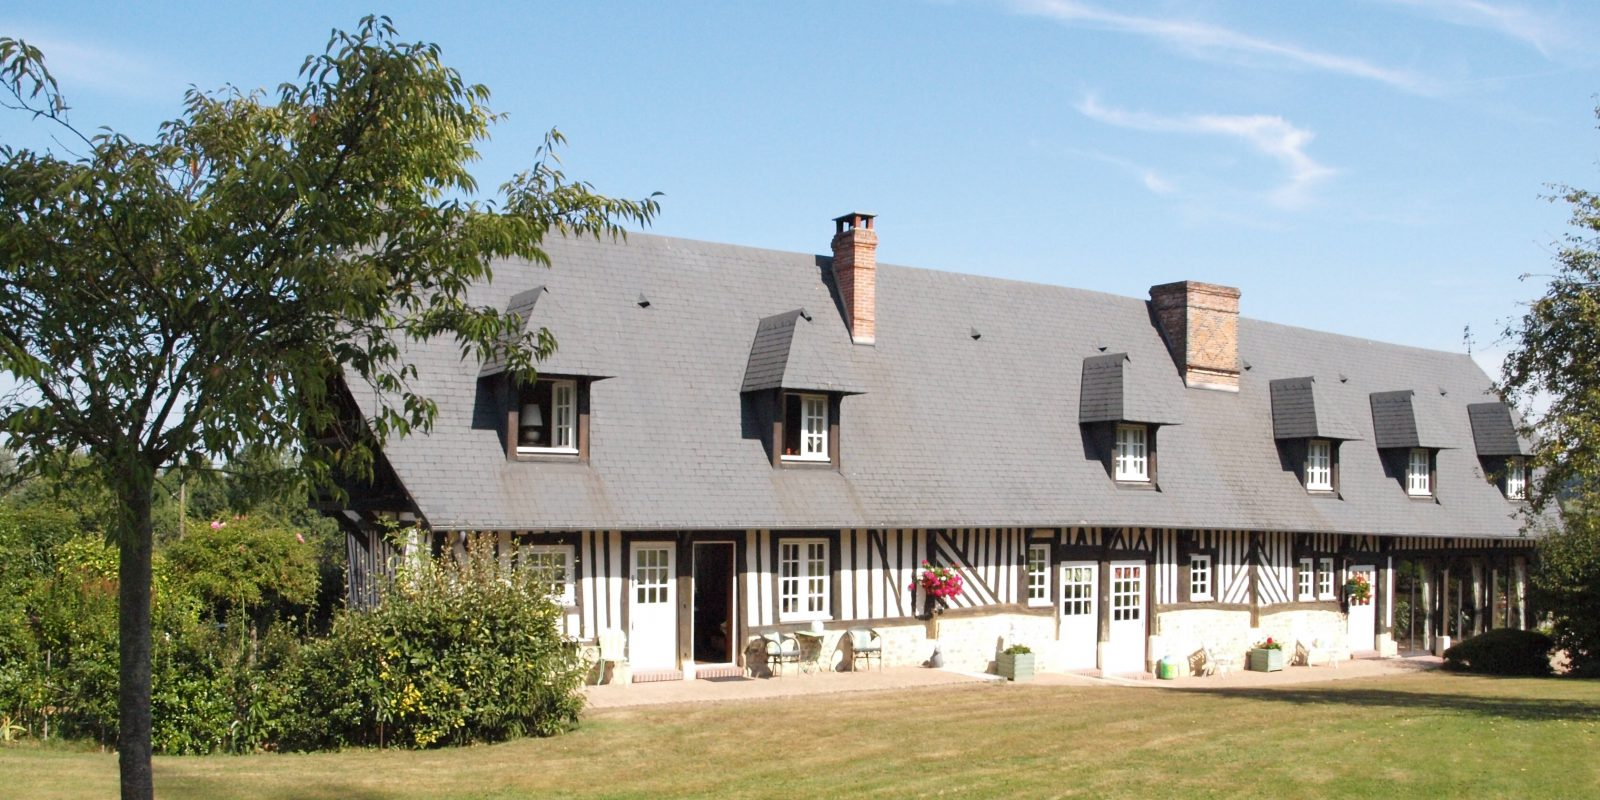 Vente Maison Normandie Agence De La Risle